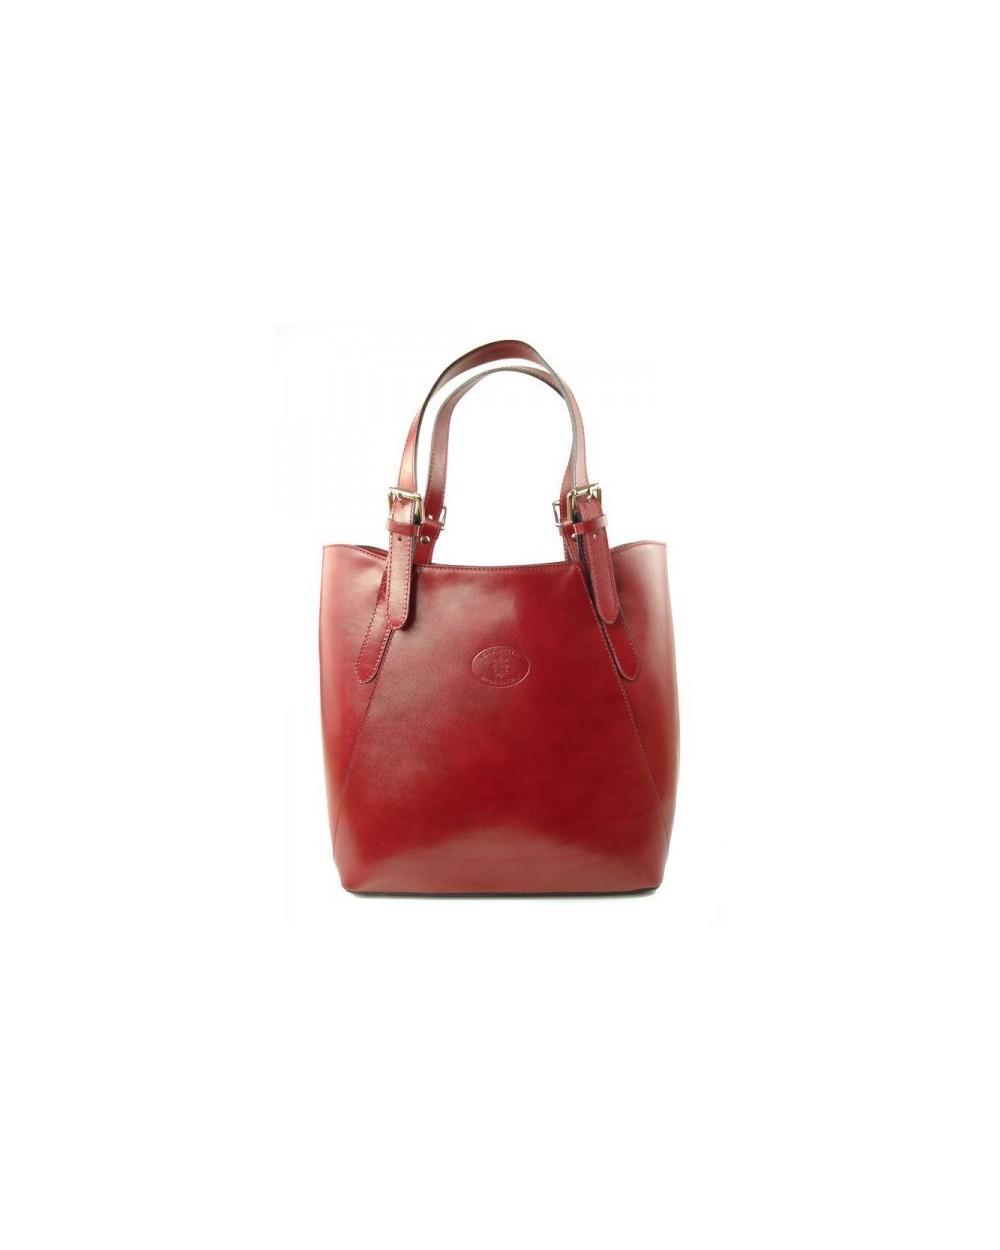 3e9315b311130 Shopper bag włoska torebka skórzana A4 Czerwona - Sklep internetowy ...